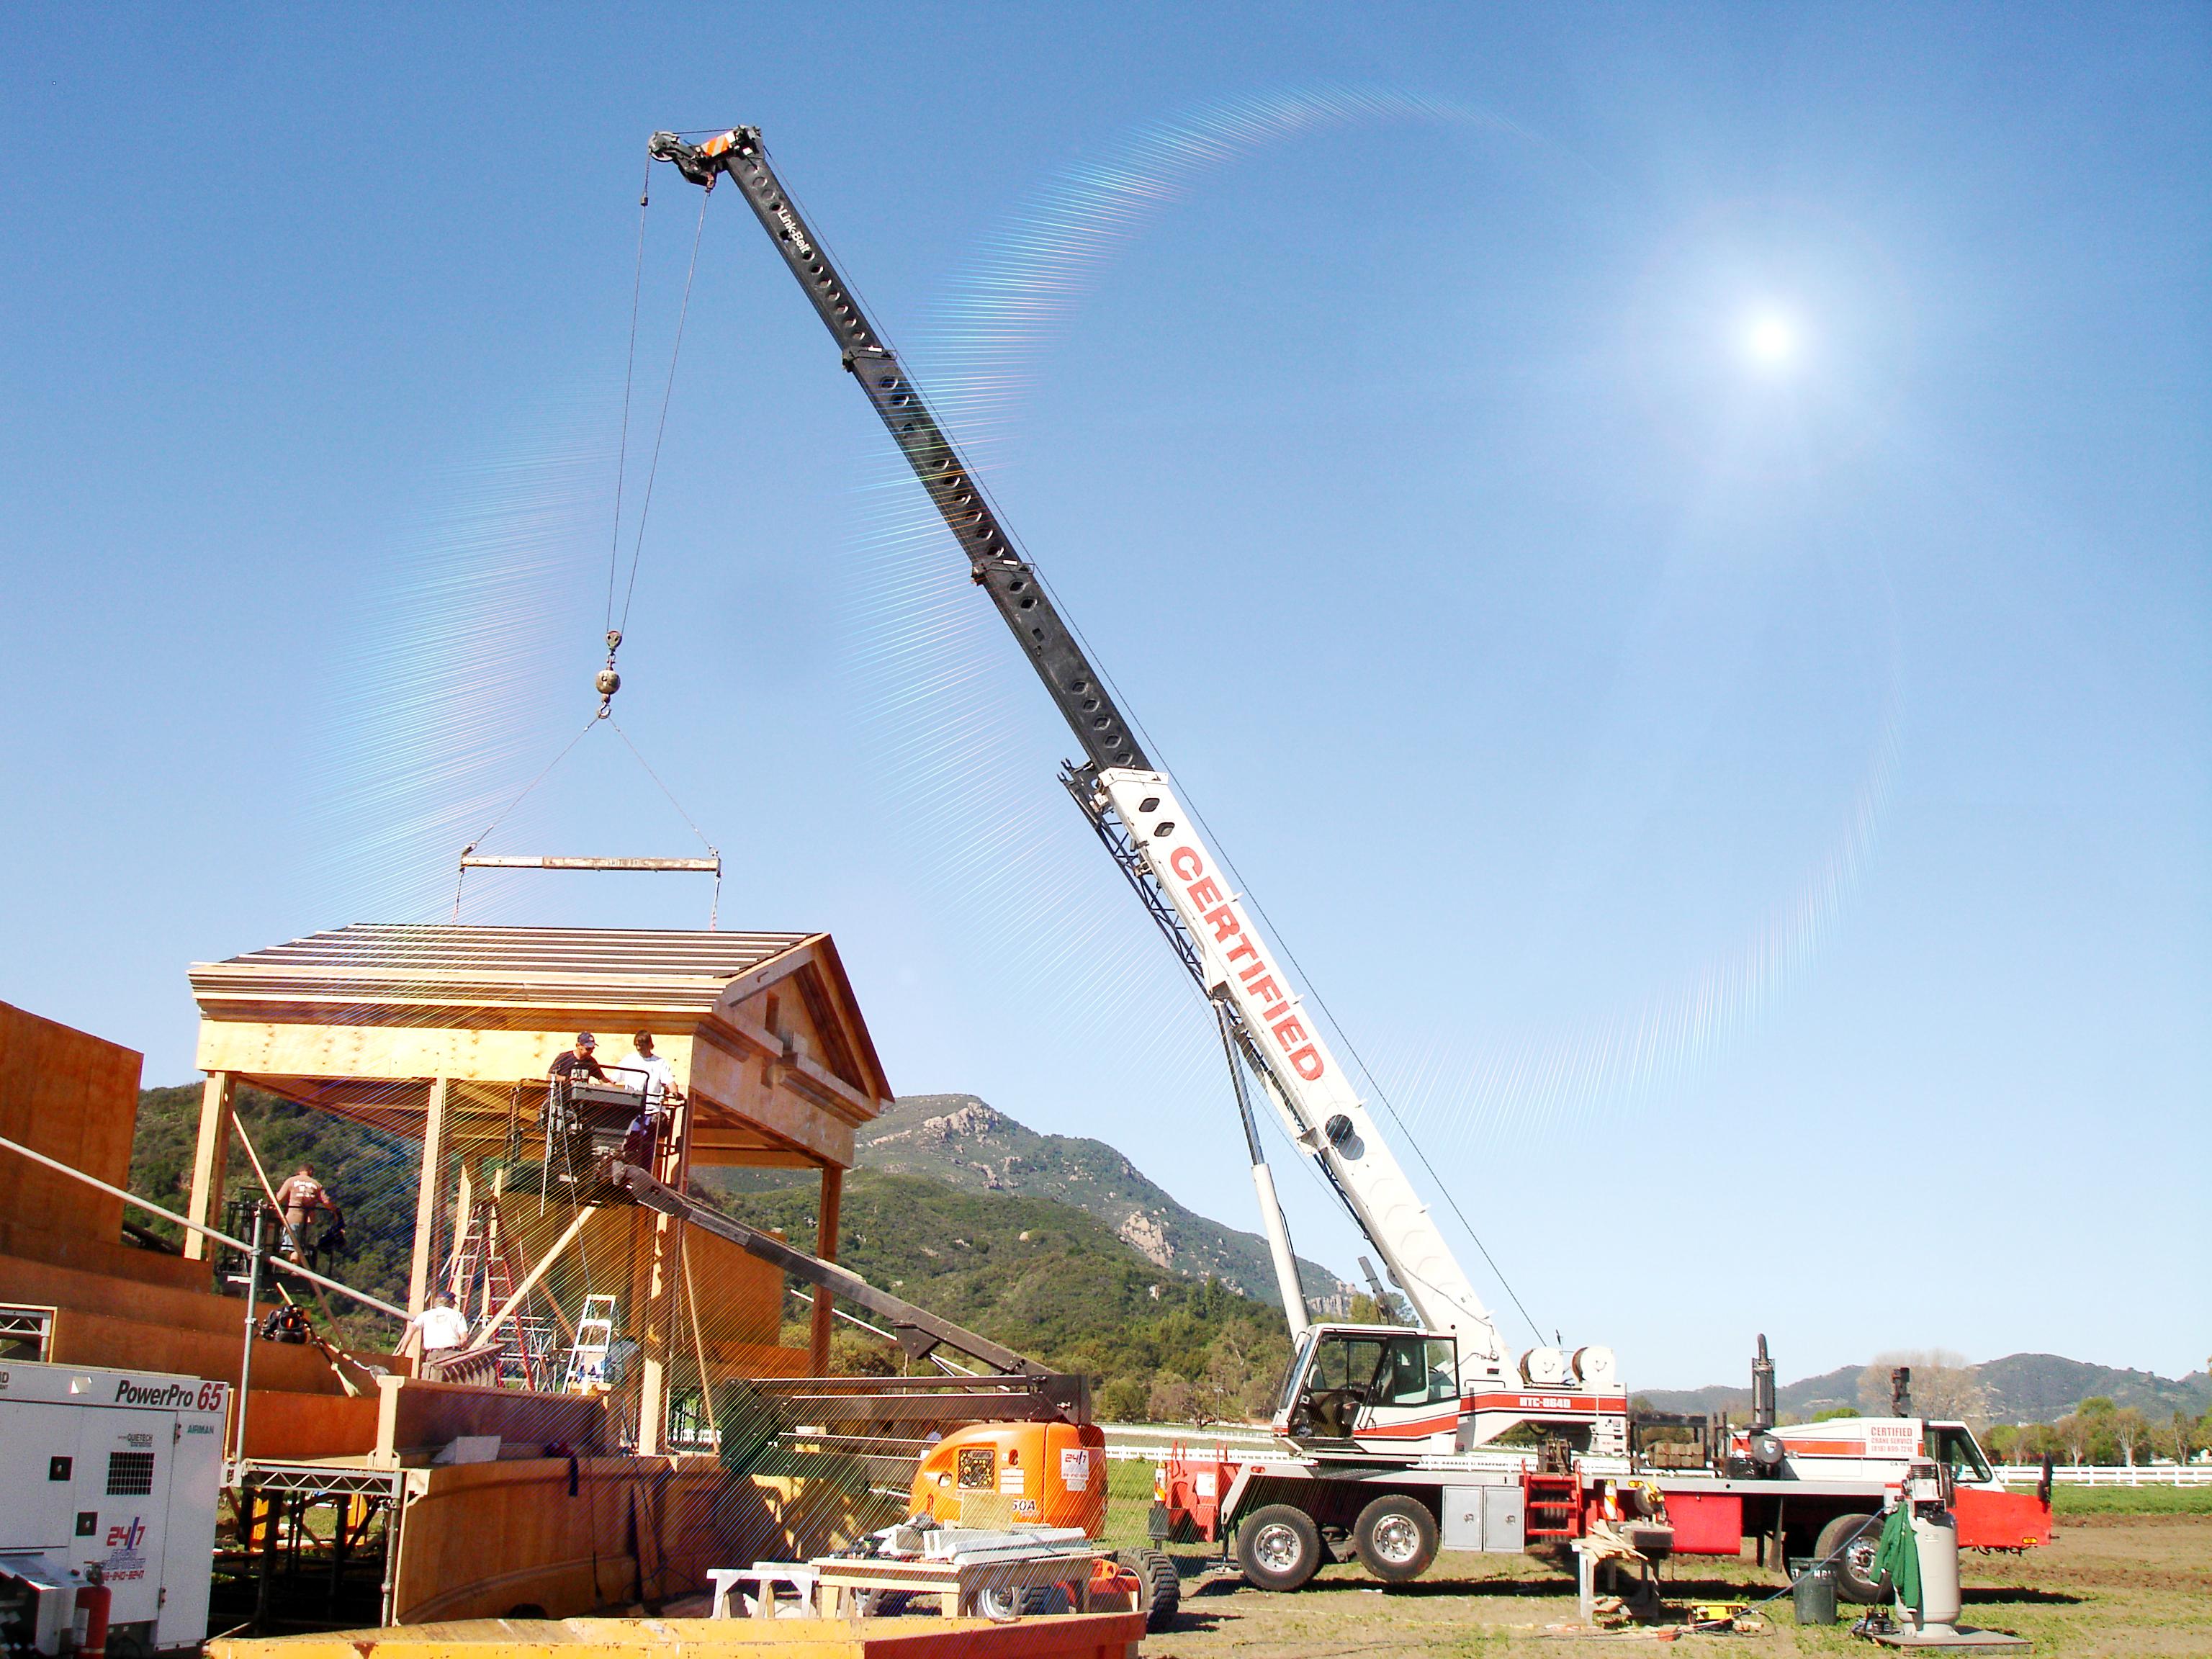 Working crane photo